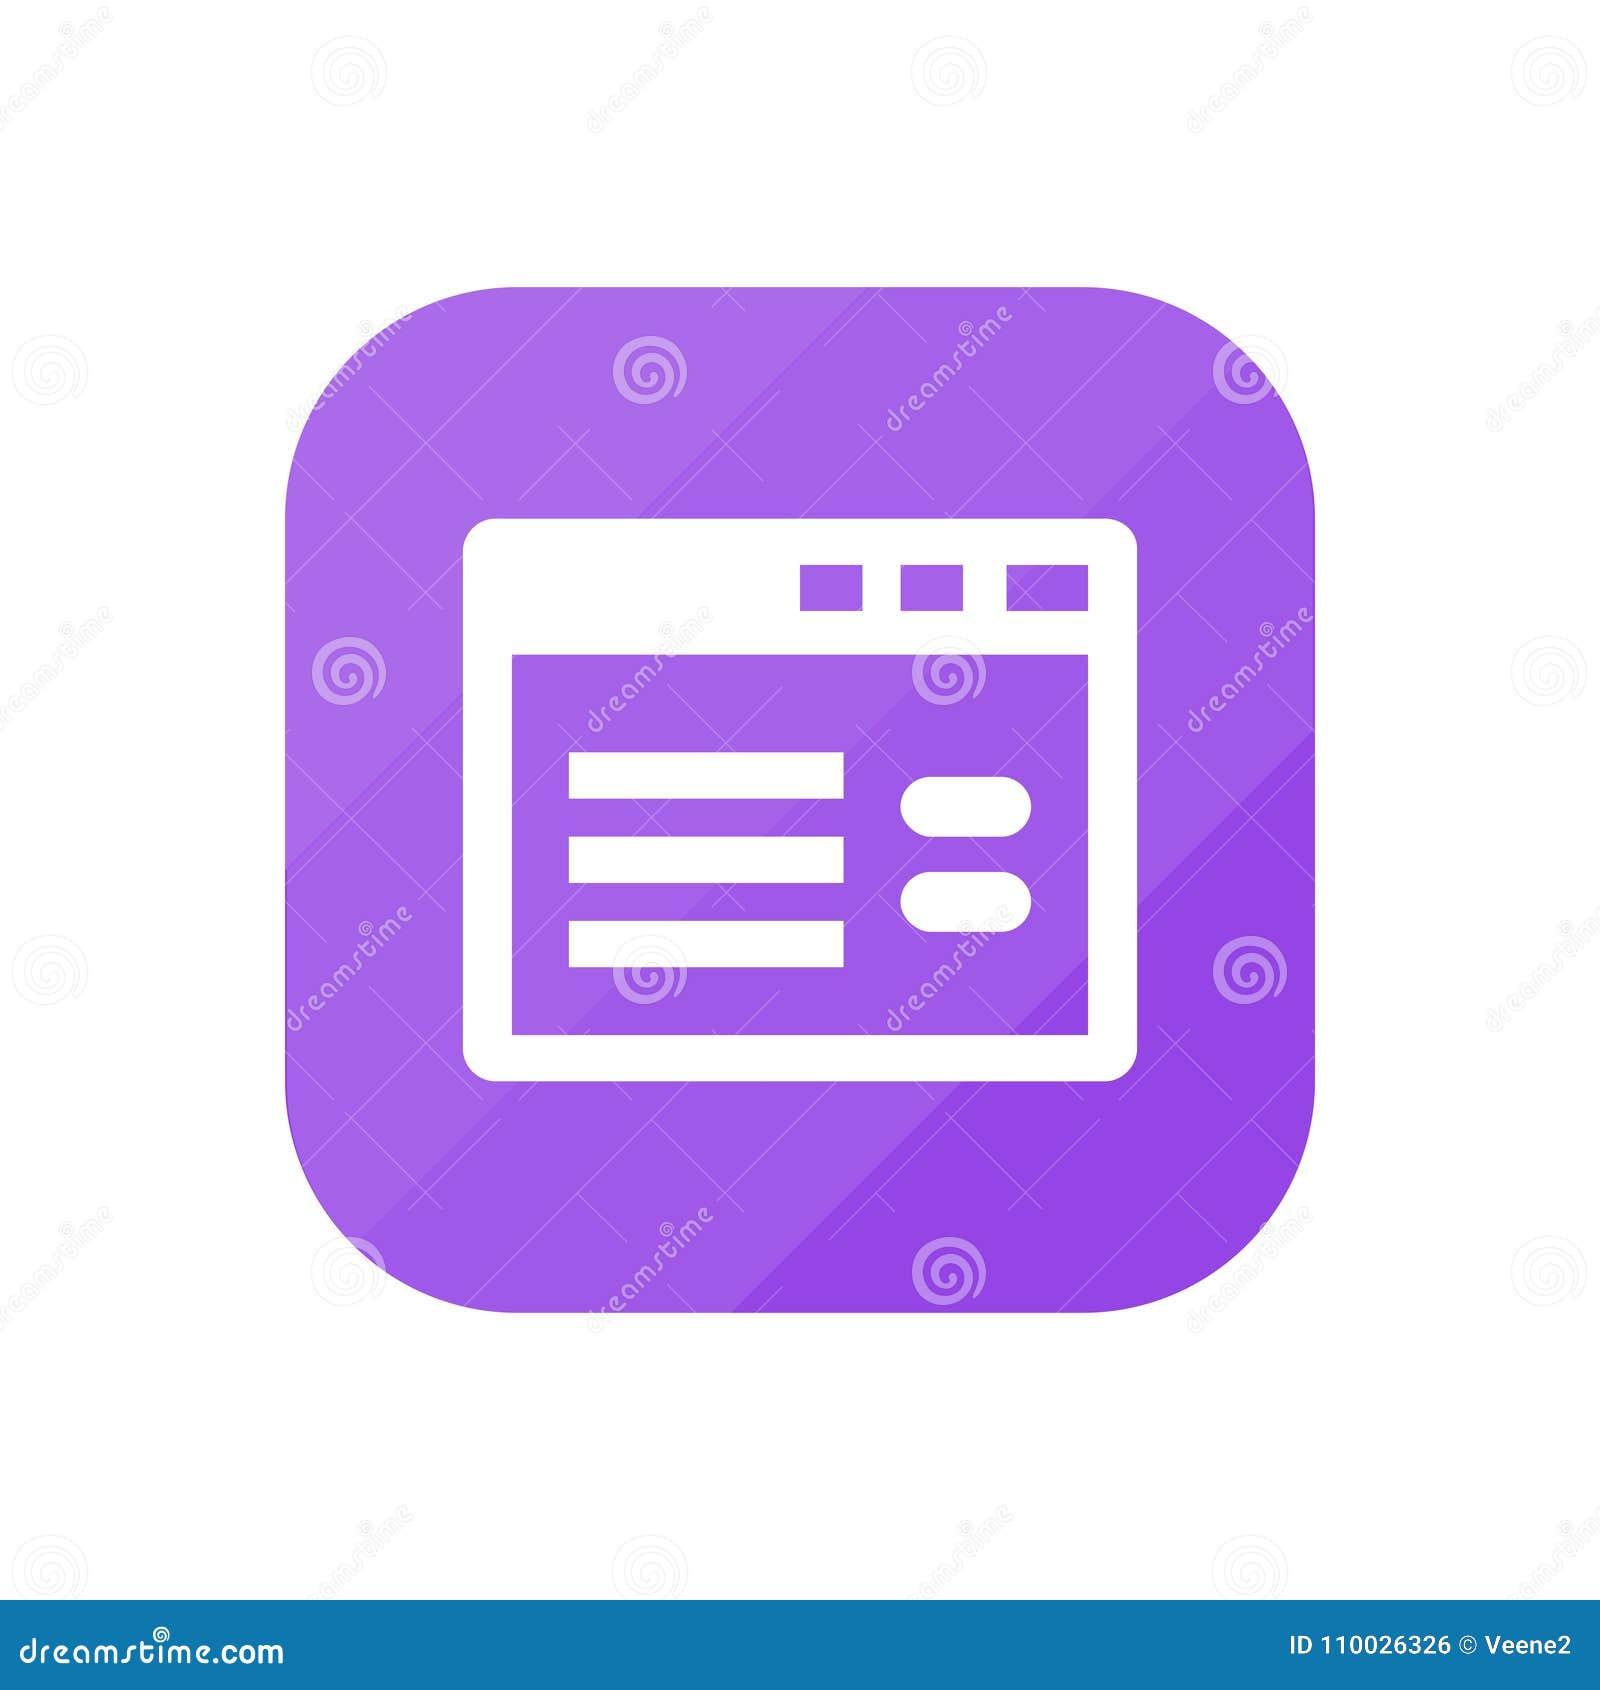 Website - App Pictogram